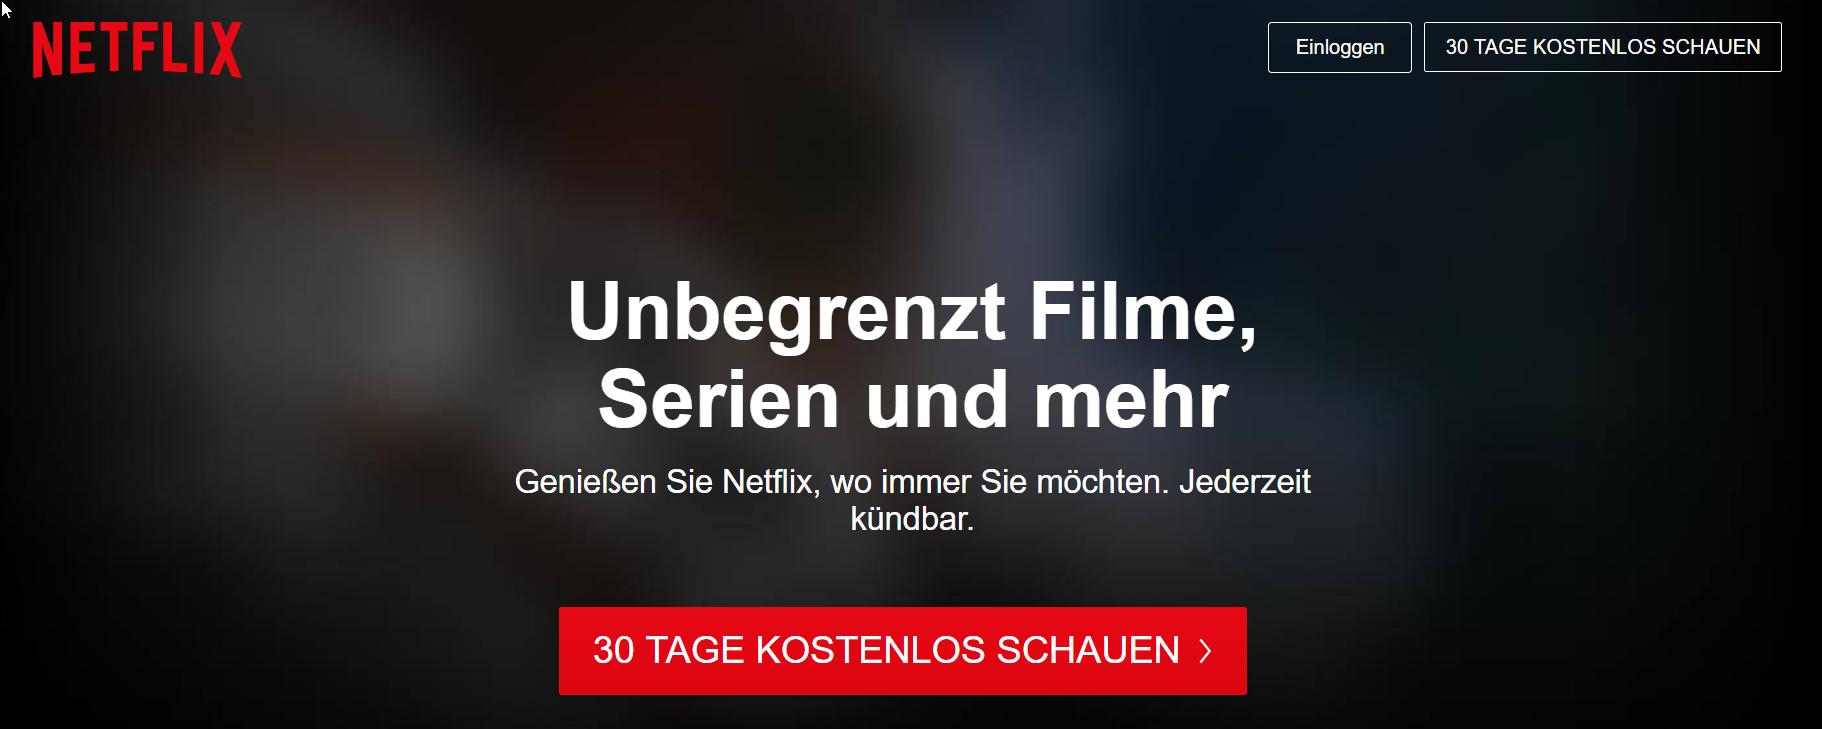 Netflix: CTA verspricht kostenlosen Probemonat